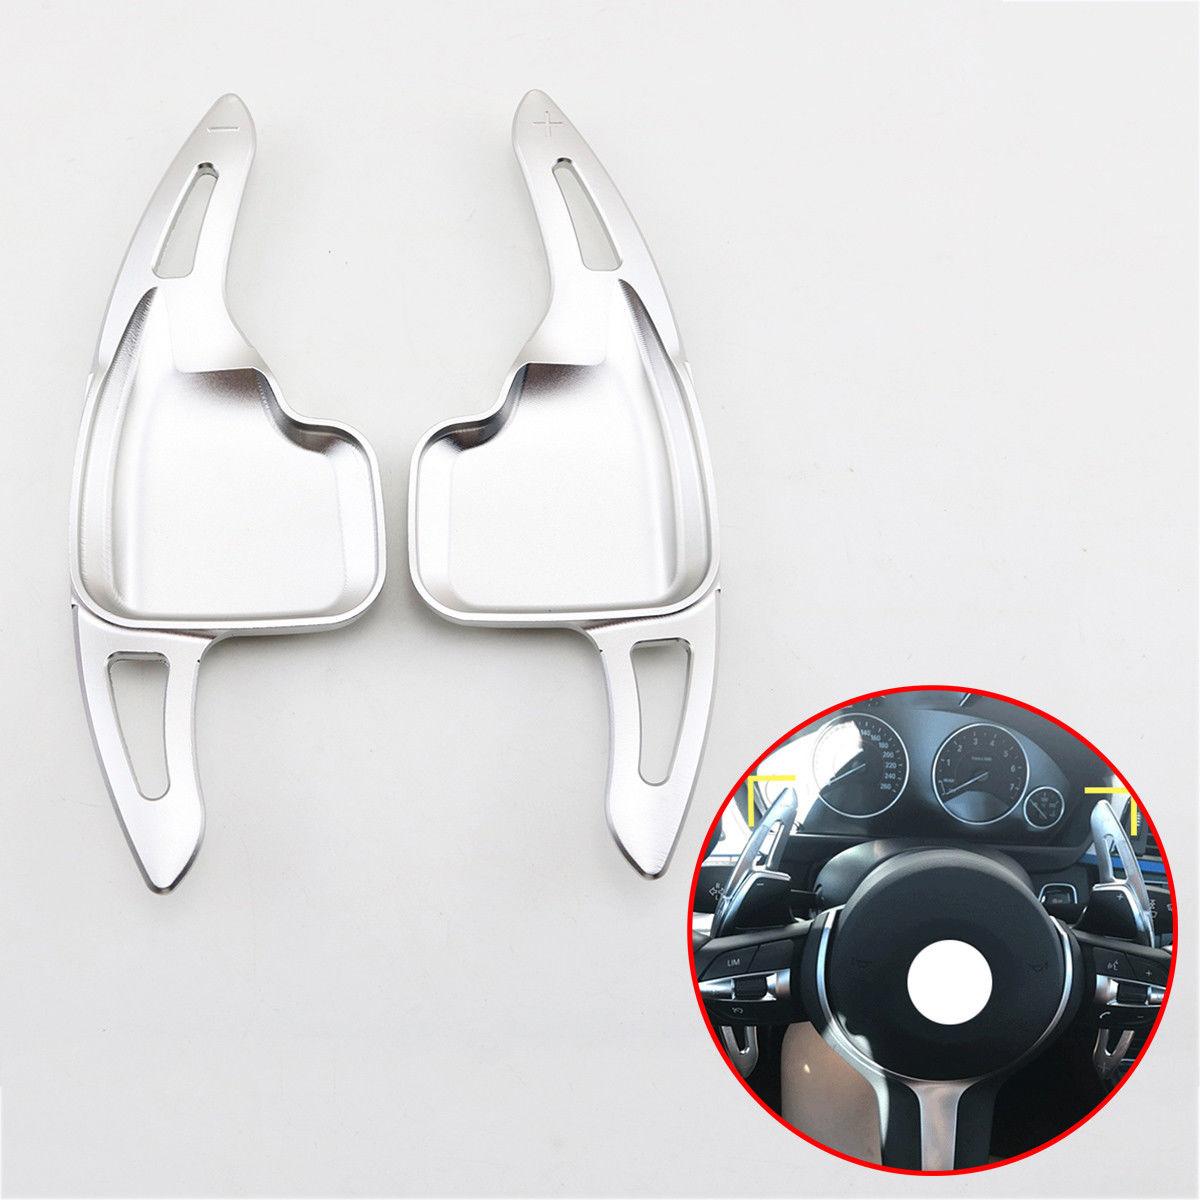 Volant Décalage Paddle manette de vitesse Extension Fit Pour BMW X1 X3 X4 X5 X6 1 2 3 4 5 6 série F20 F21 F30 F31 F10 F11 F07 F25 F15